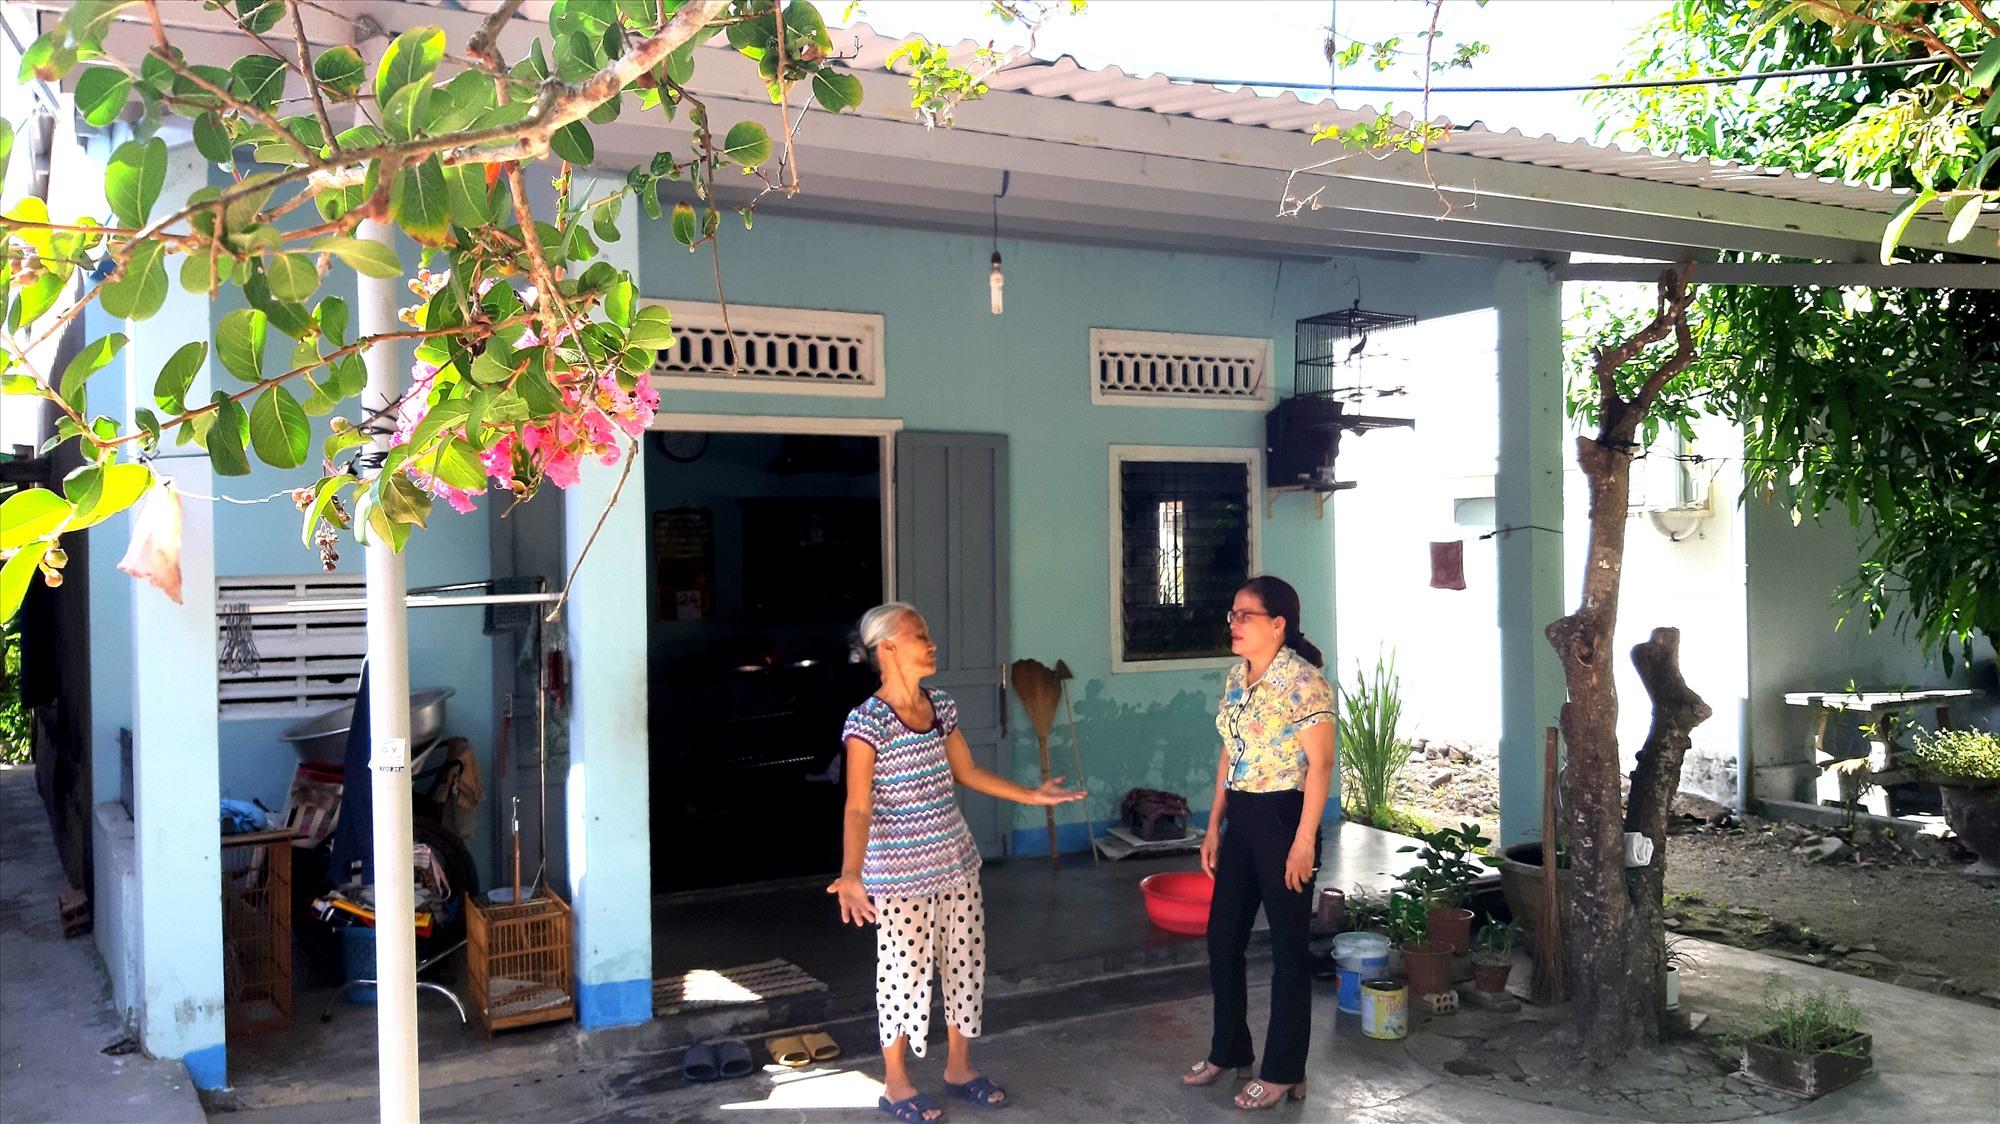 Căn nhà mới sửa chữa của gia đình bà Phạm Thị Lệ. Ảnh: VIỆT NGUYỄN